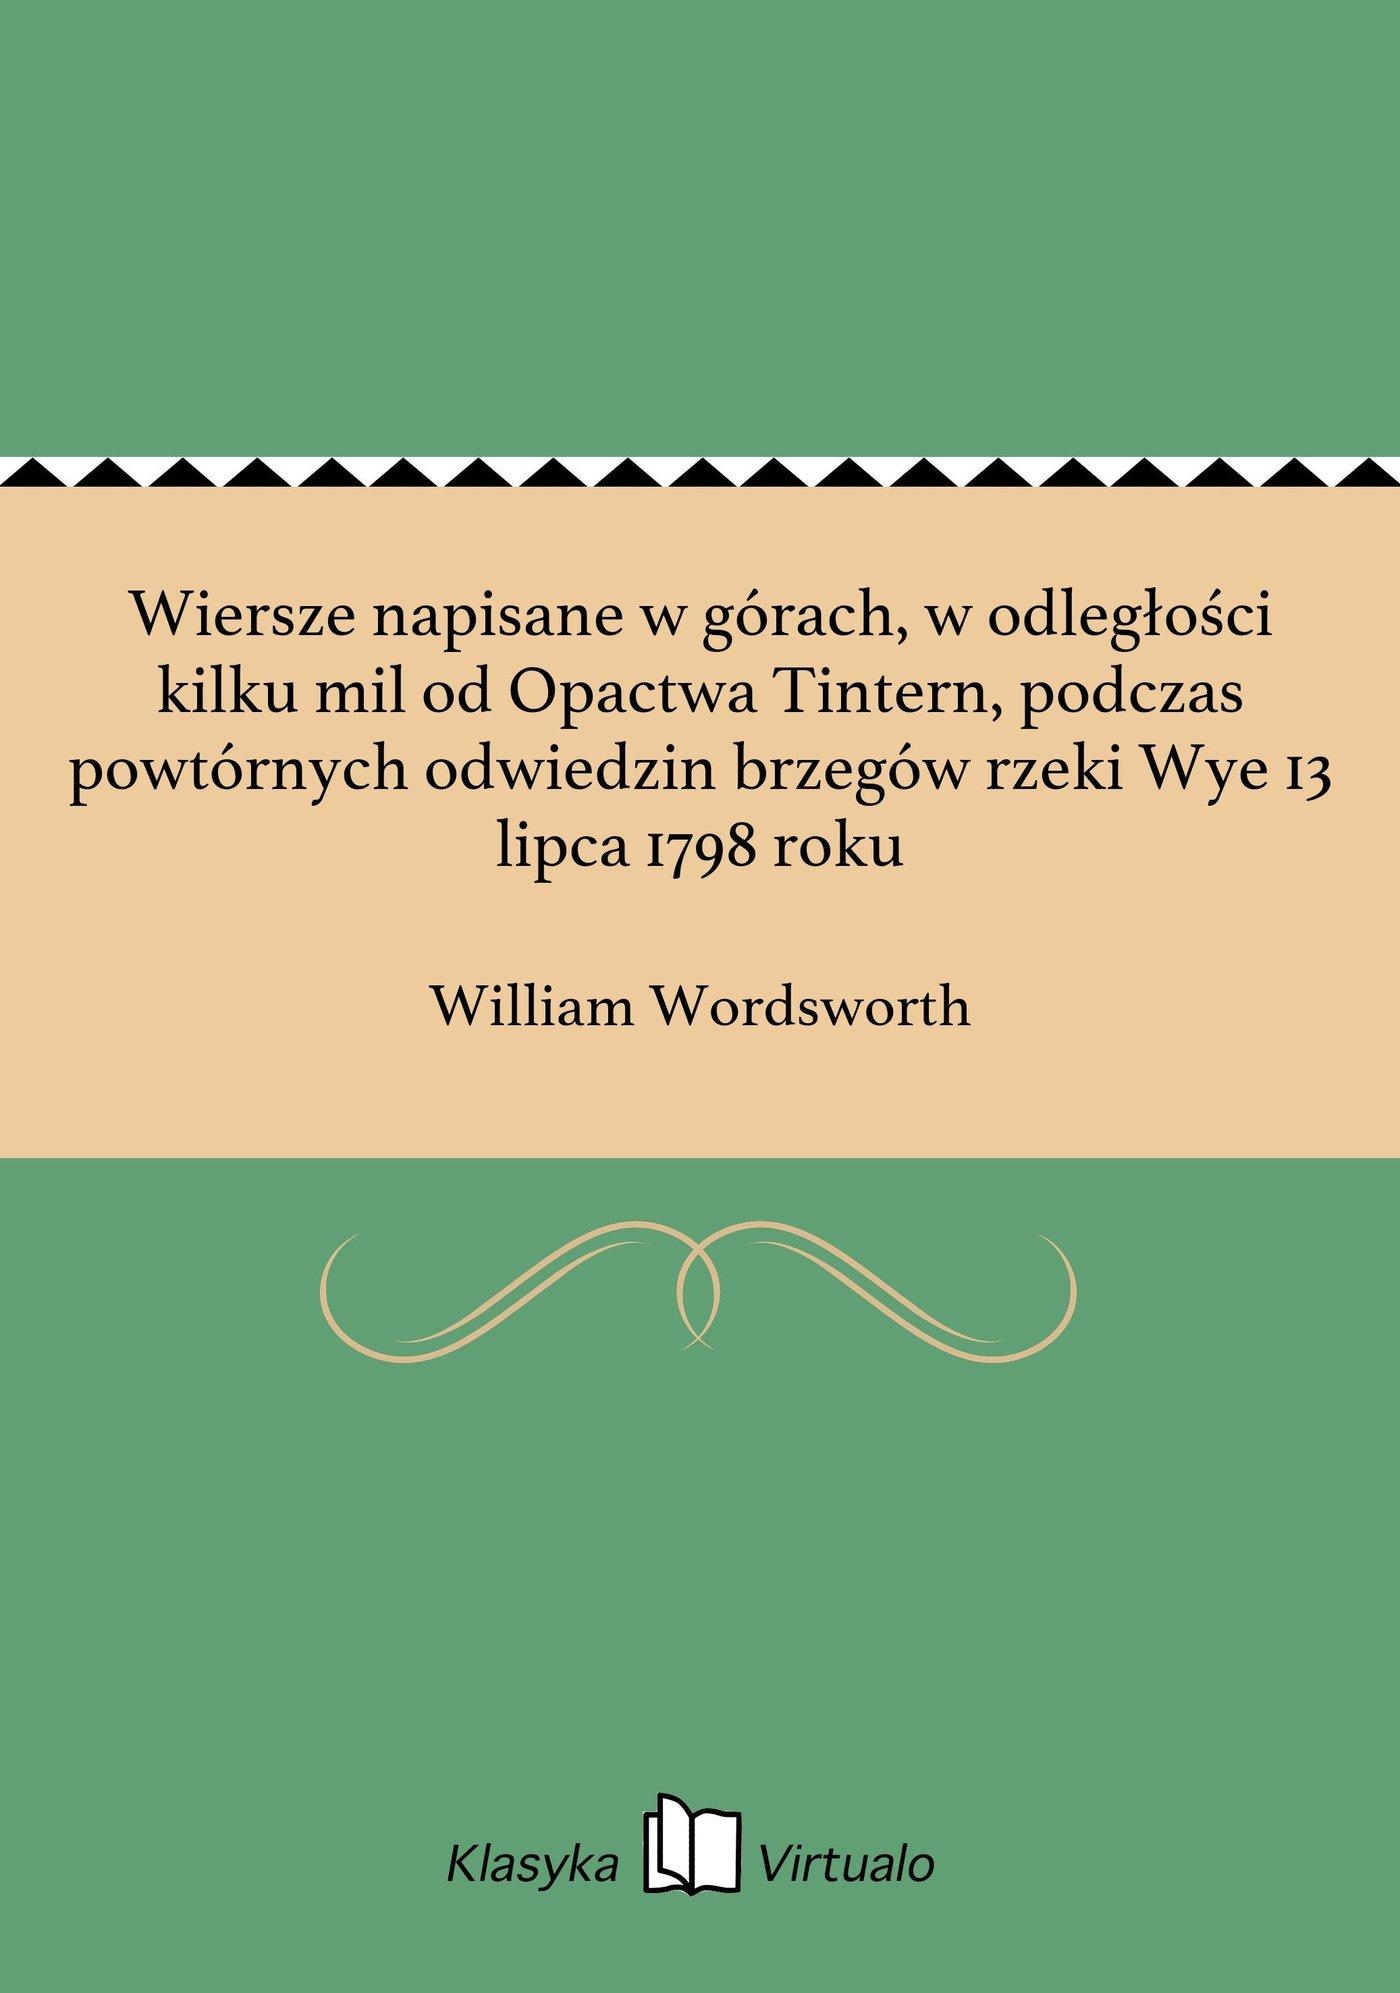 Wiersze napisane w górach, w odległości kilku mil od Opactwa Tintern, podczas powtórnych odwiedzin brzegów rzeki Wye 13 lipca 1798 roku - Ebook (Książka EPUB) do pobrania w formacie EPUB